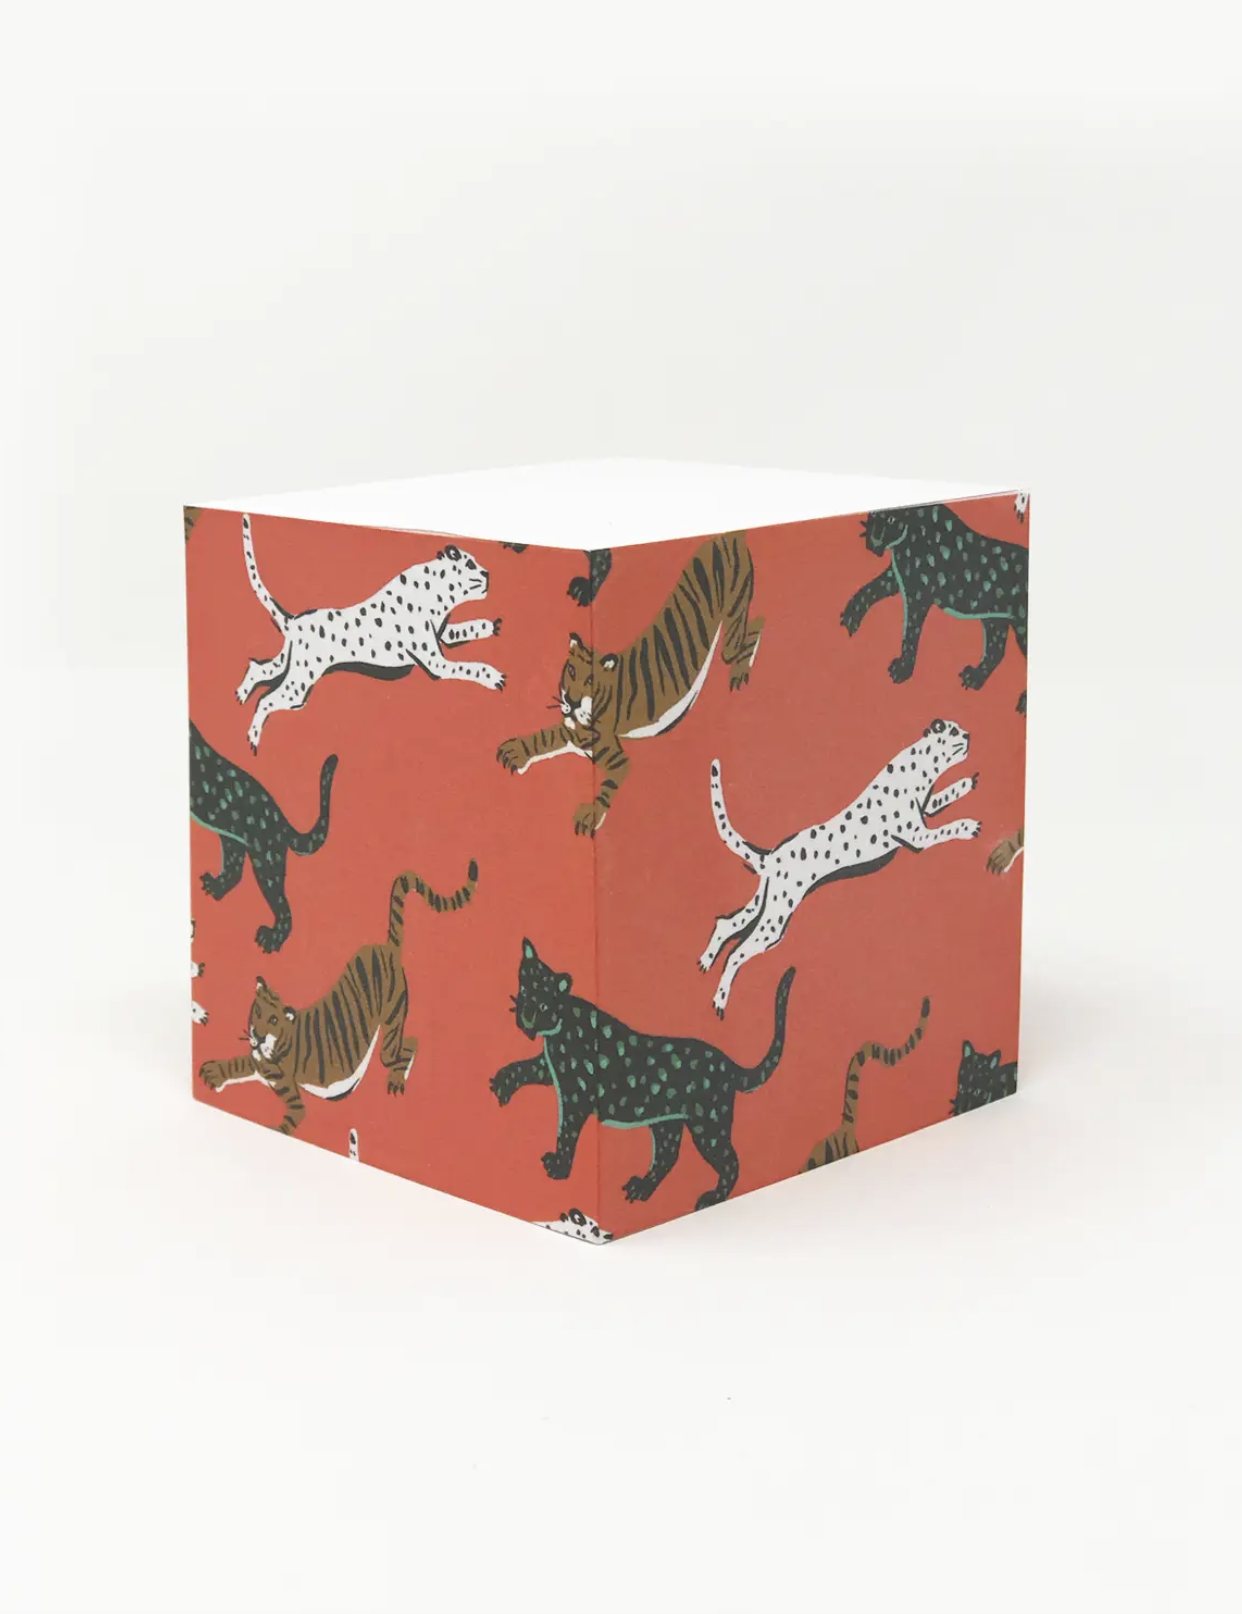 Stationery Wild Cat Sticky Note Cube